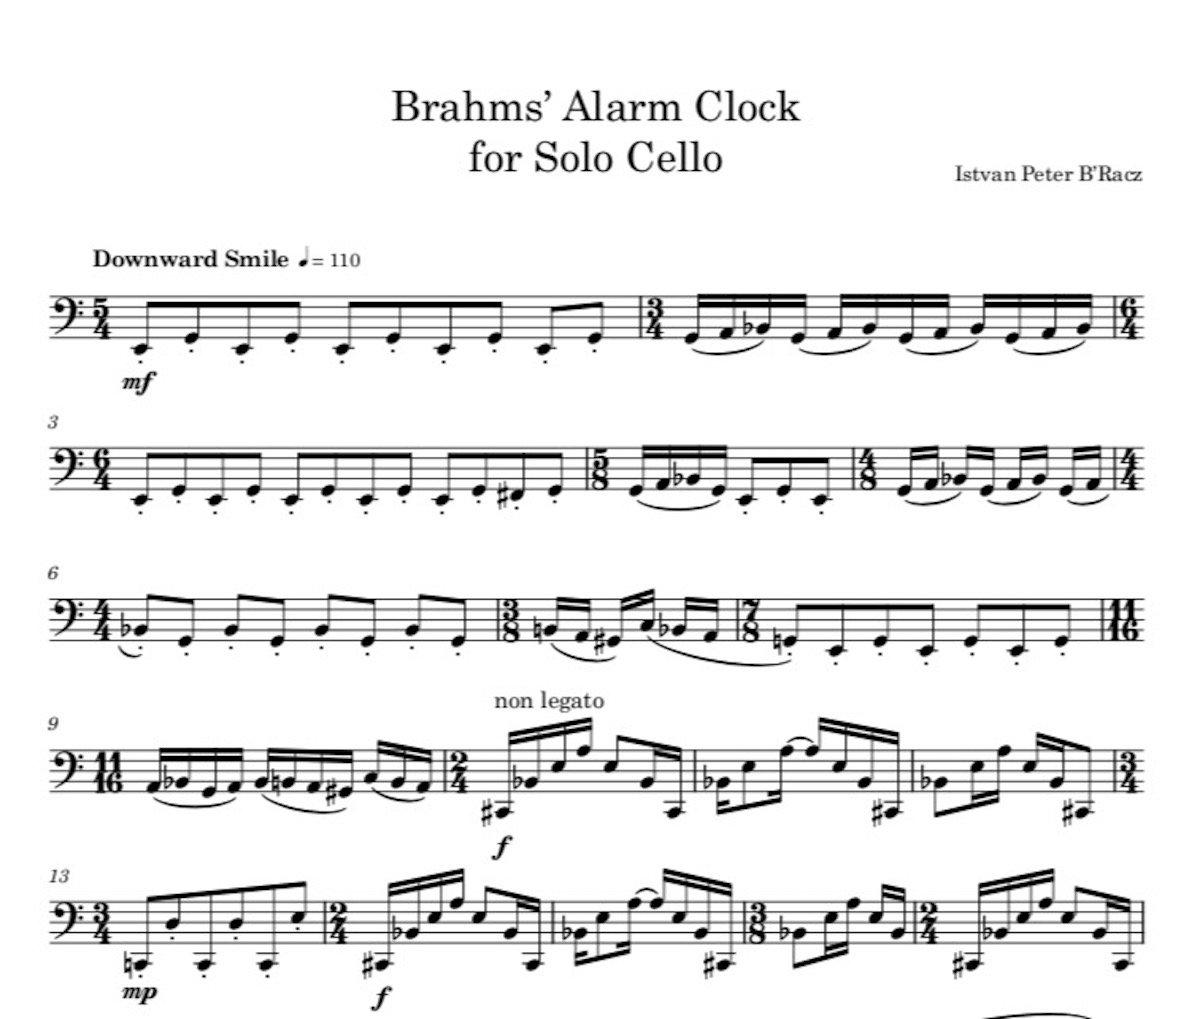 Brahms' Alarm Clock